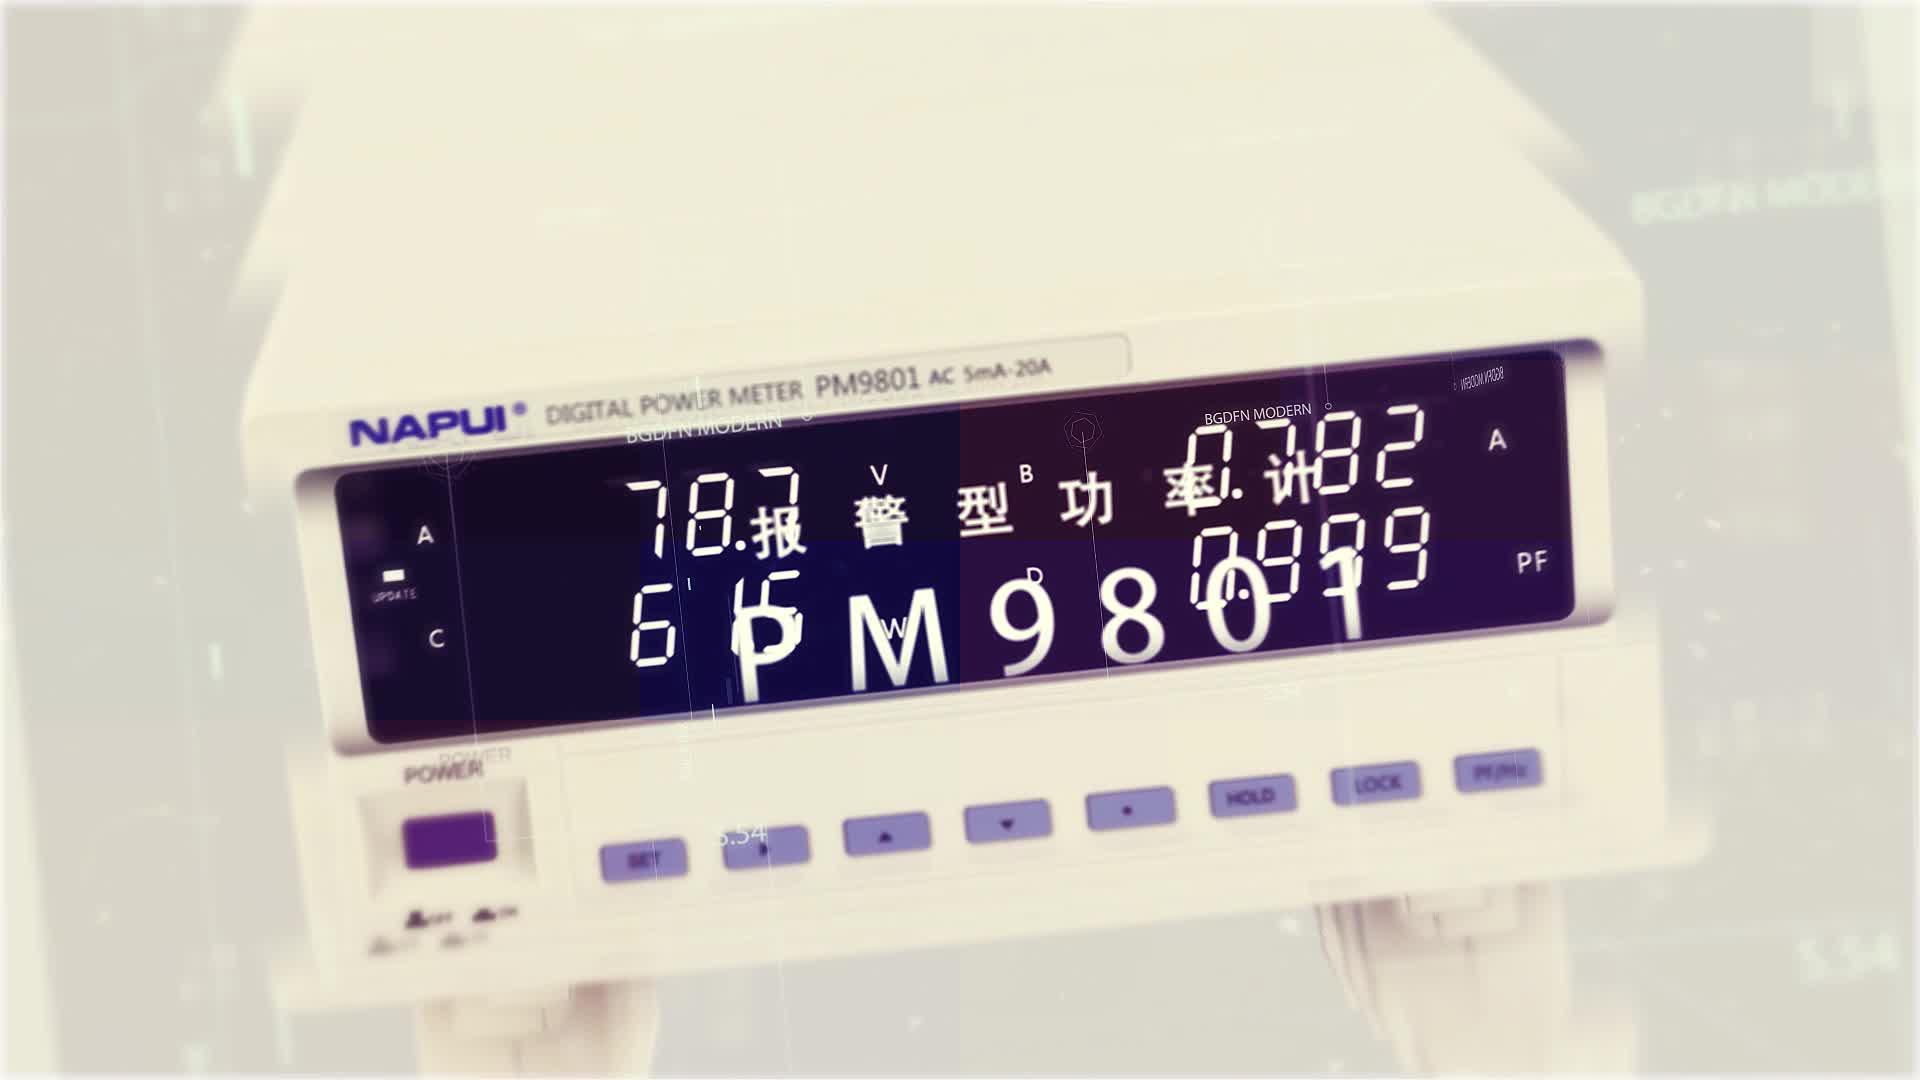 纳普科技PM9801数字功率计厂家直销